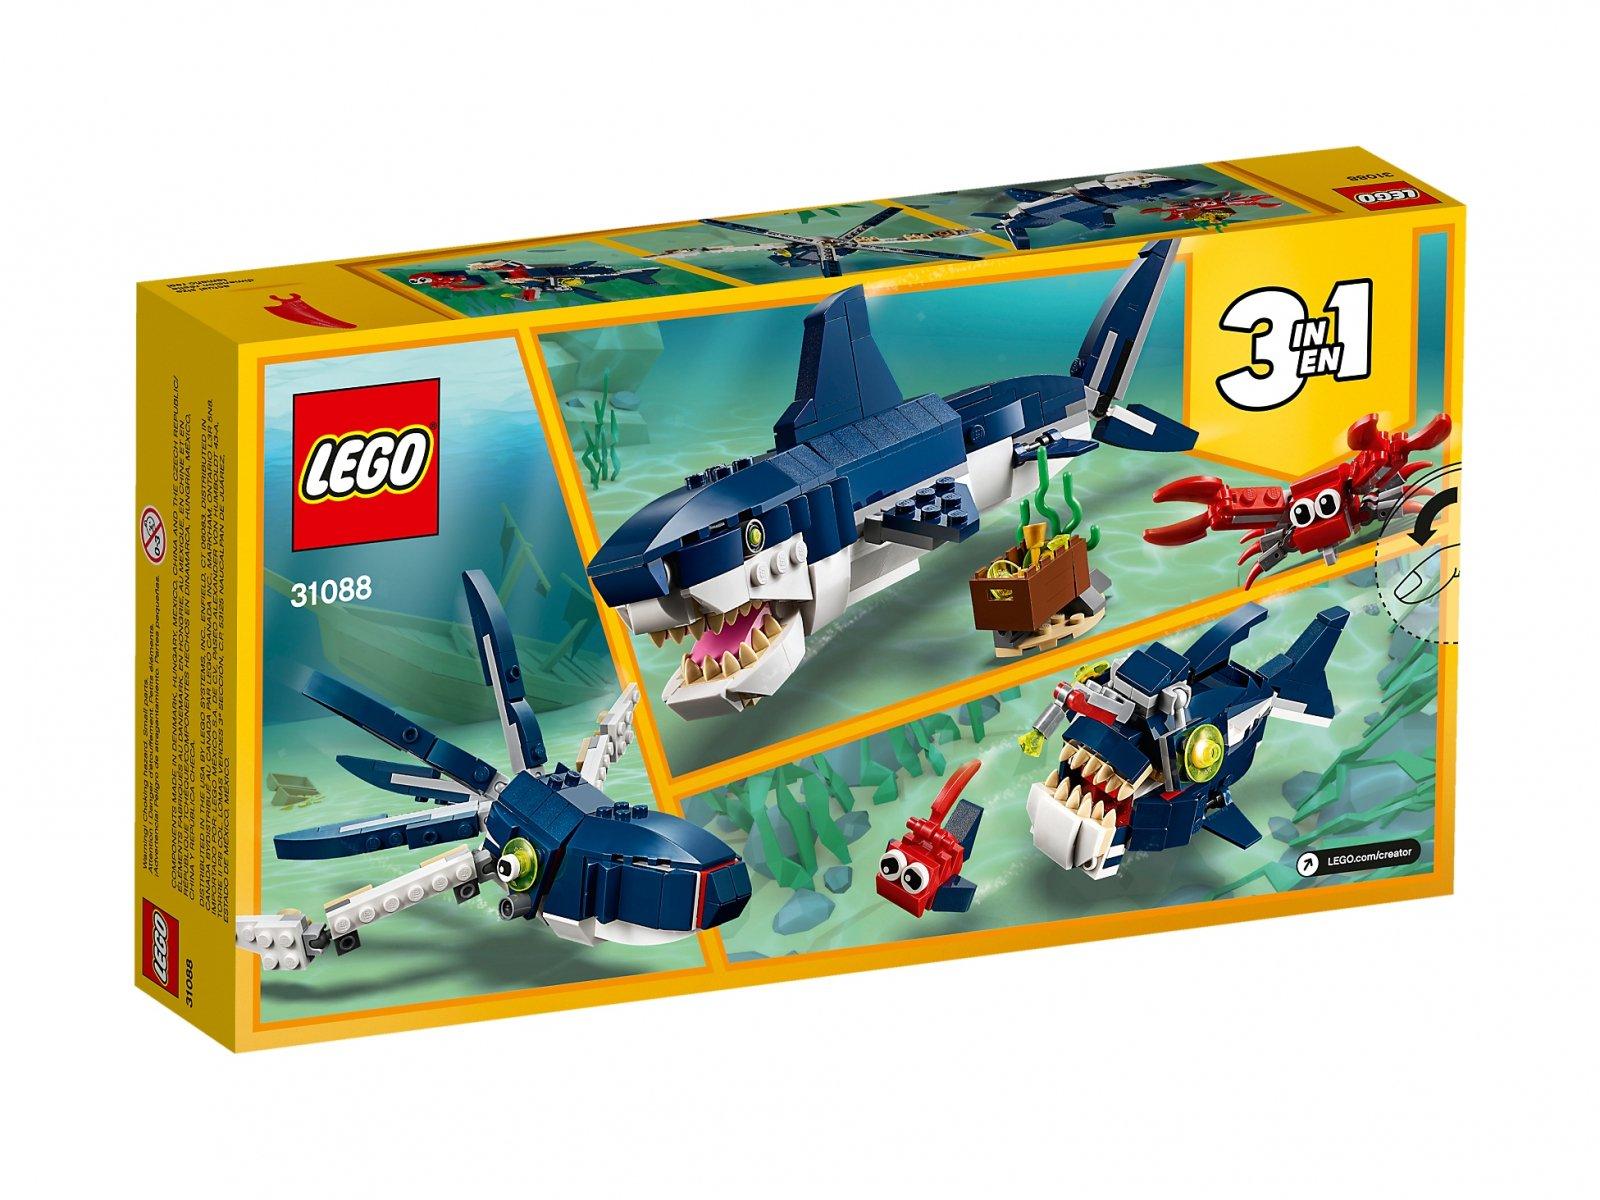 LEGO Creator 3 w 1 31088 Morskie stworzenia